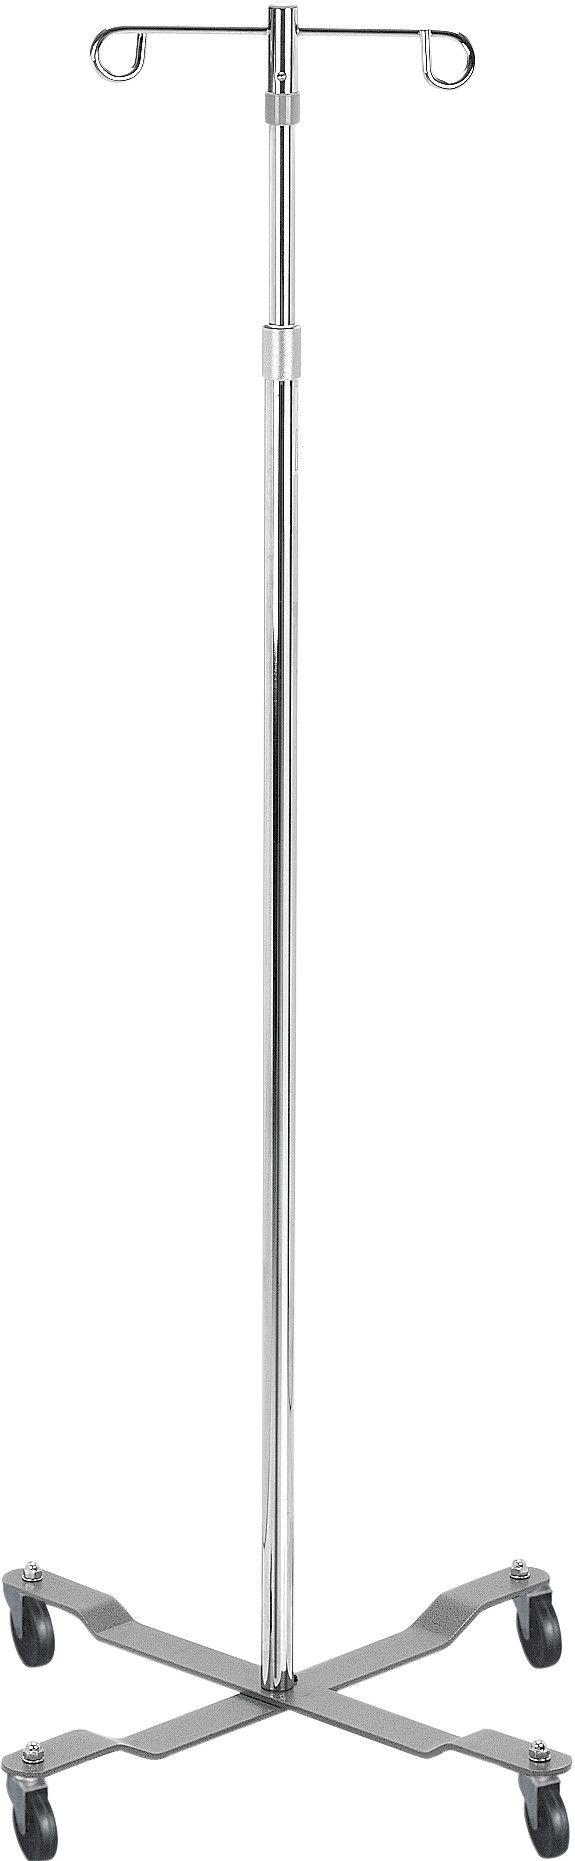 EA/1 - IV Pole, Silver Vein Finish